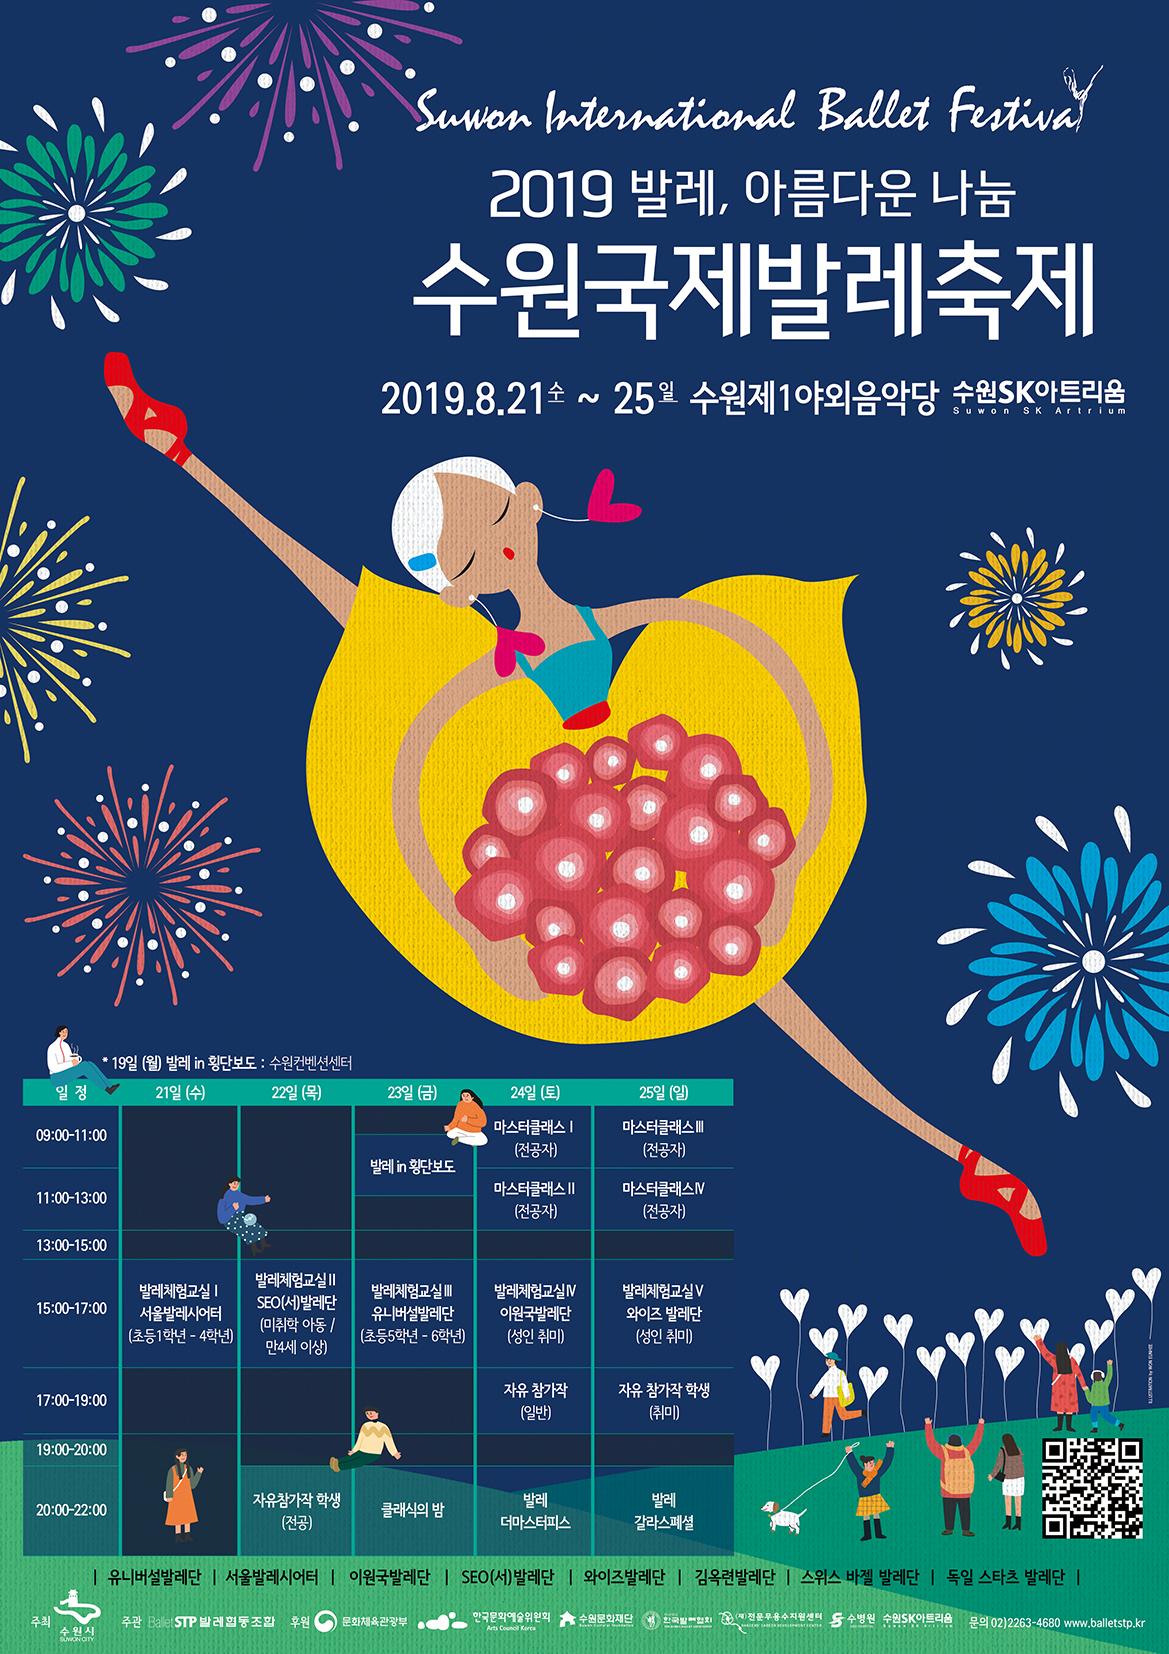 2019 발레, 아름다운 나눔 <수원발레축제>